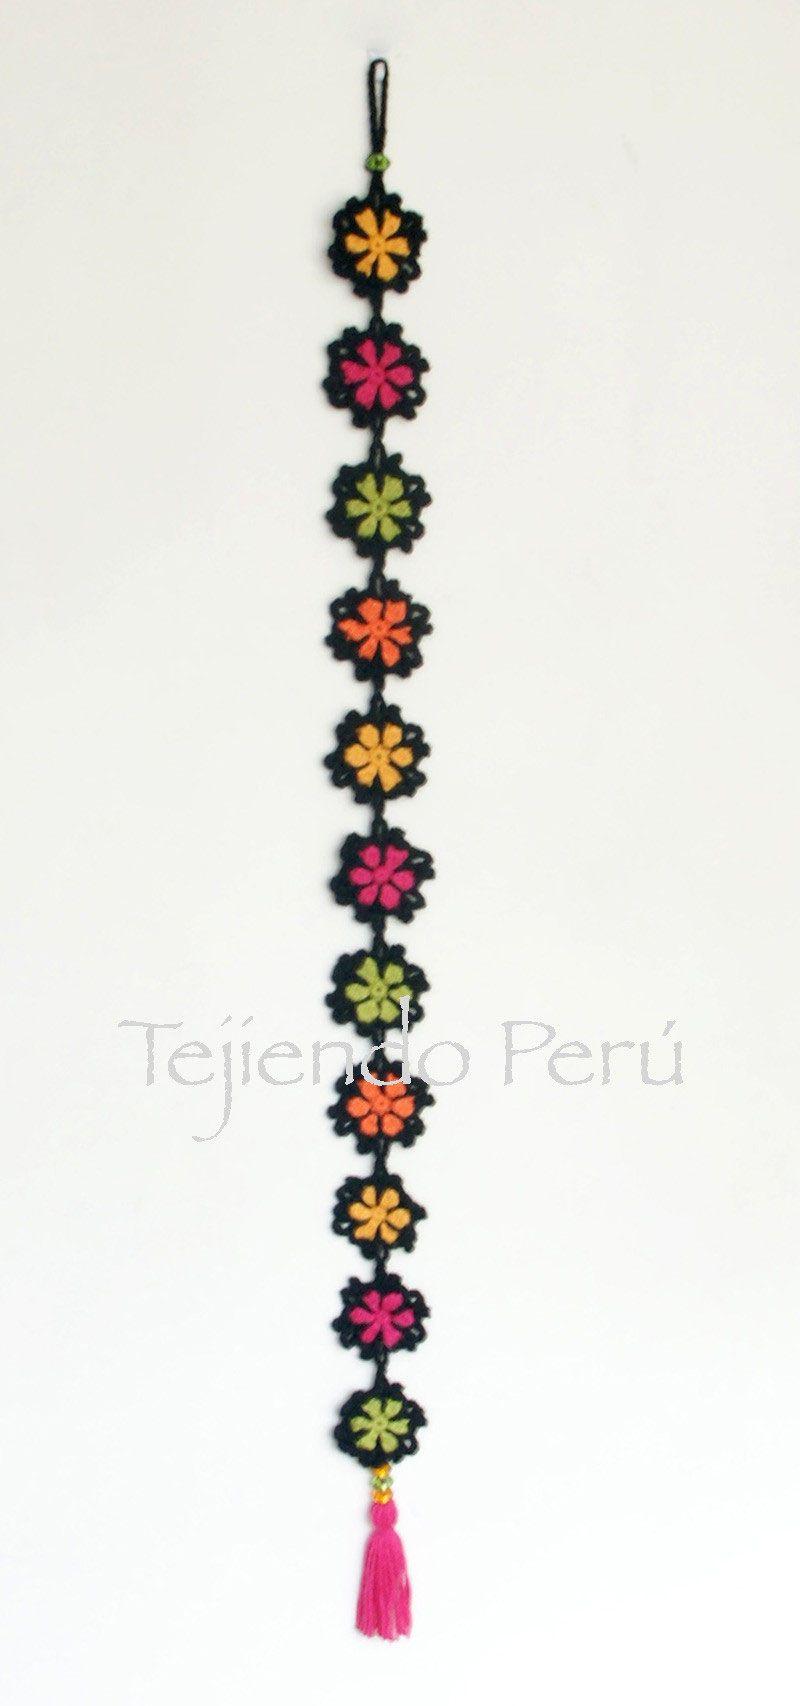 Motivos o pastillas 5 - Tejiendo Perú | AMIGURUMI | Pinterest | Perú ...